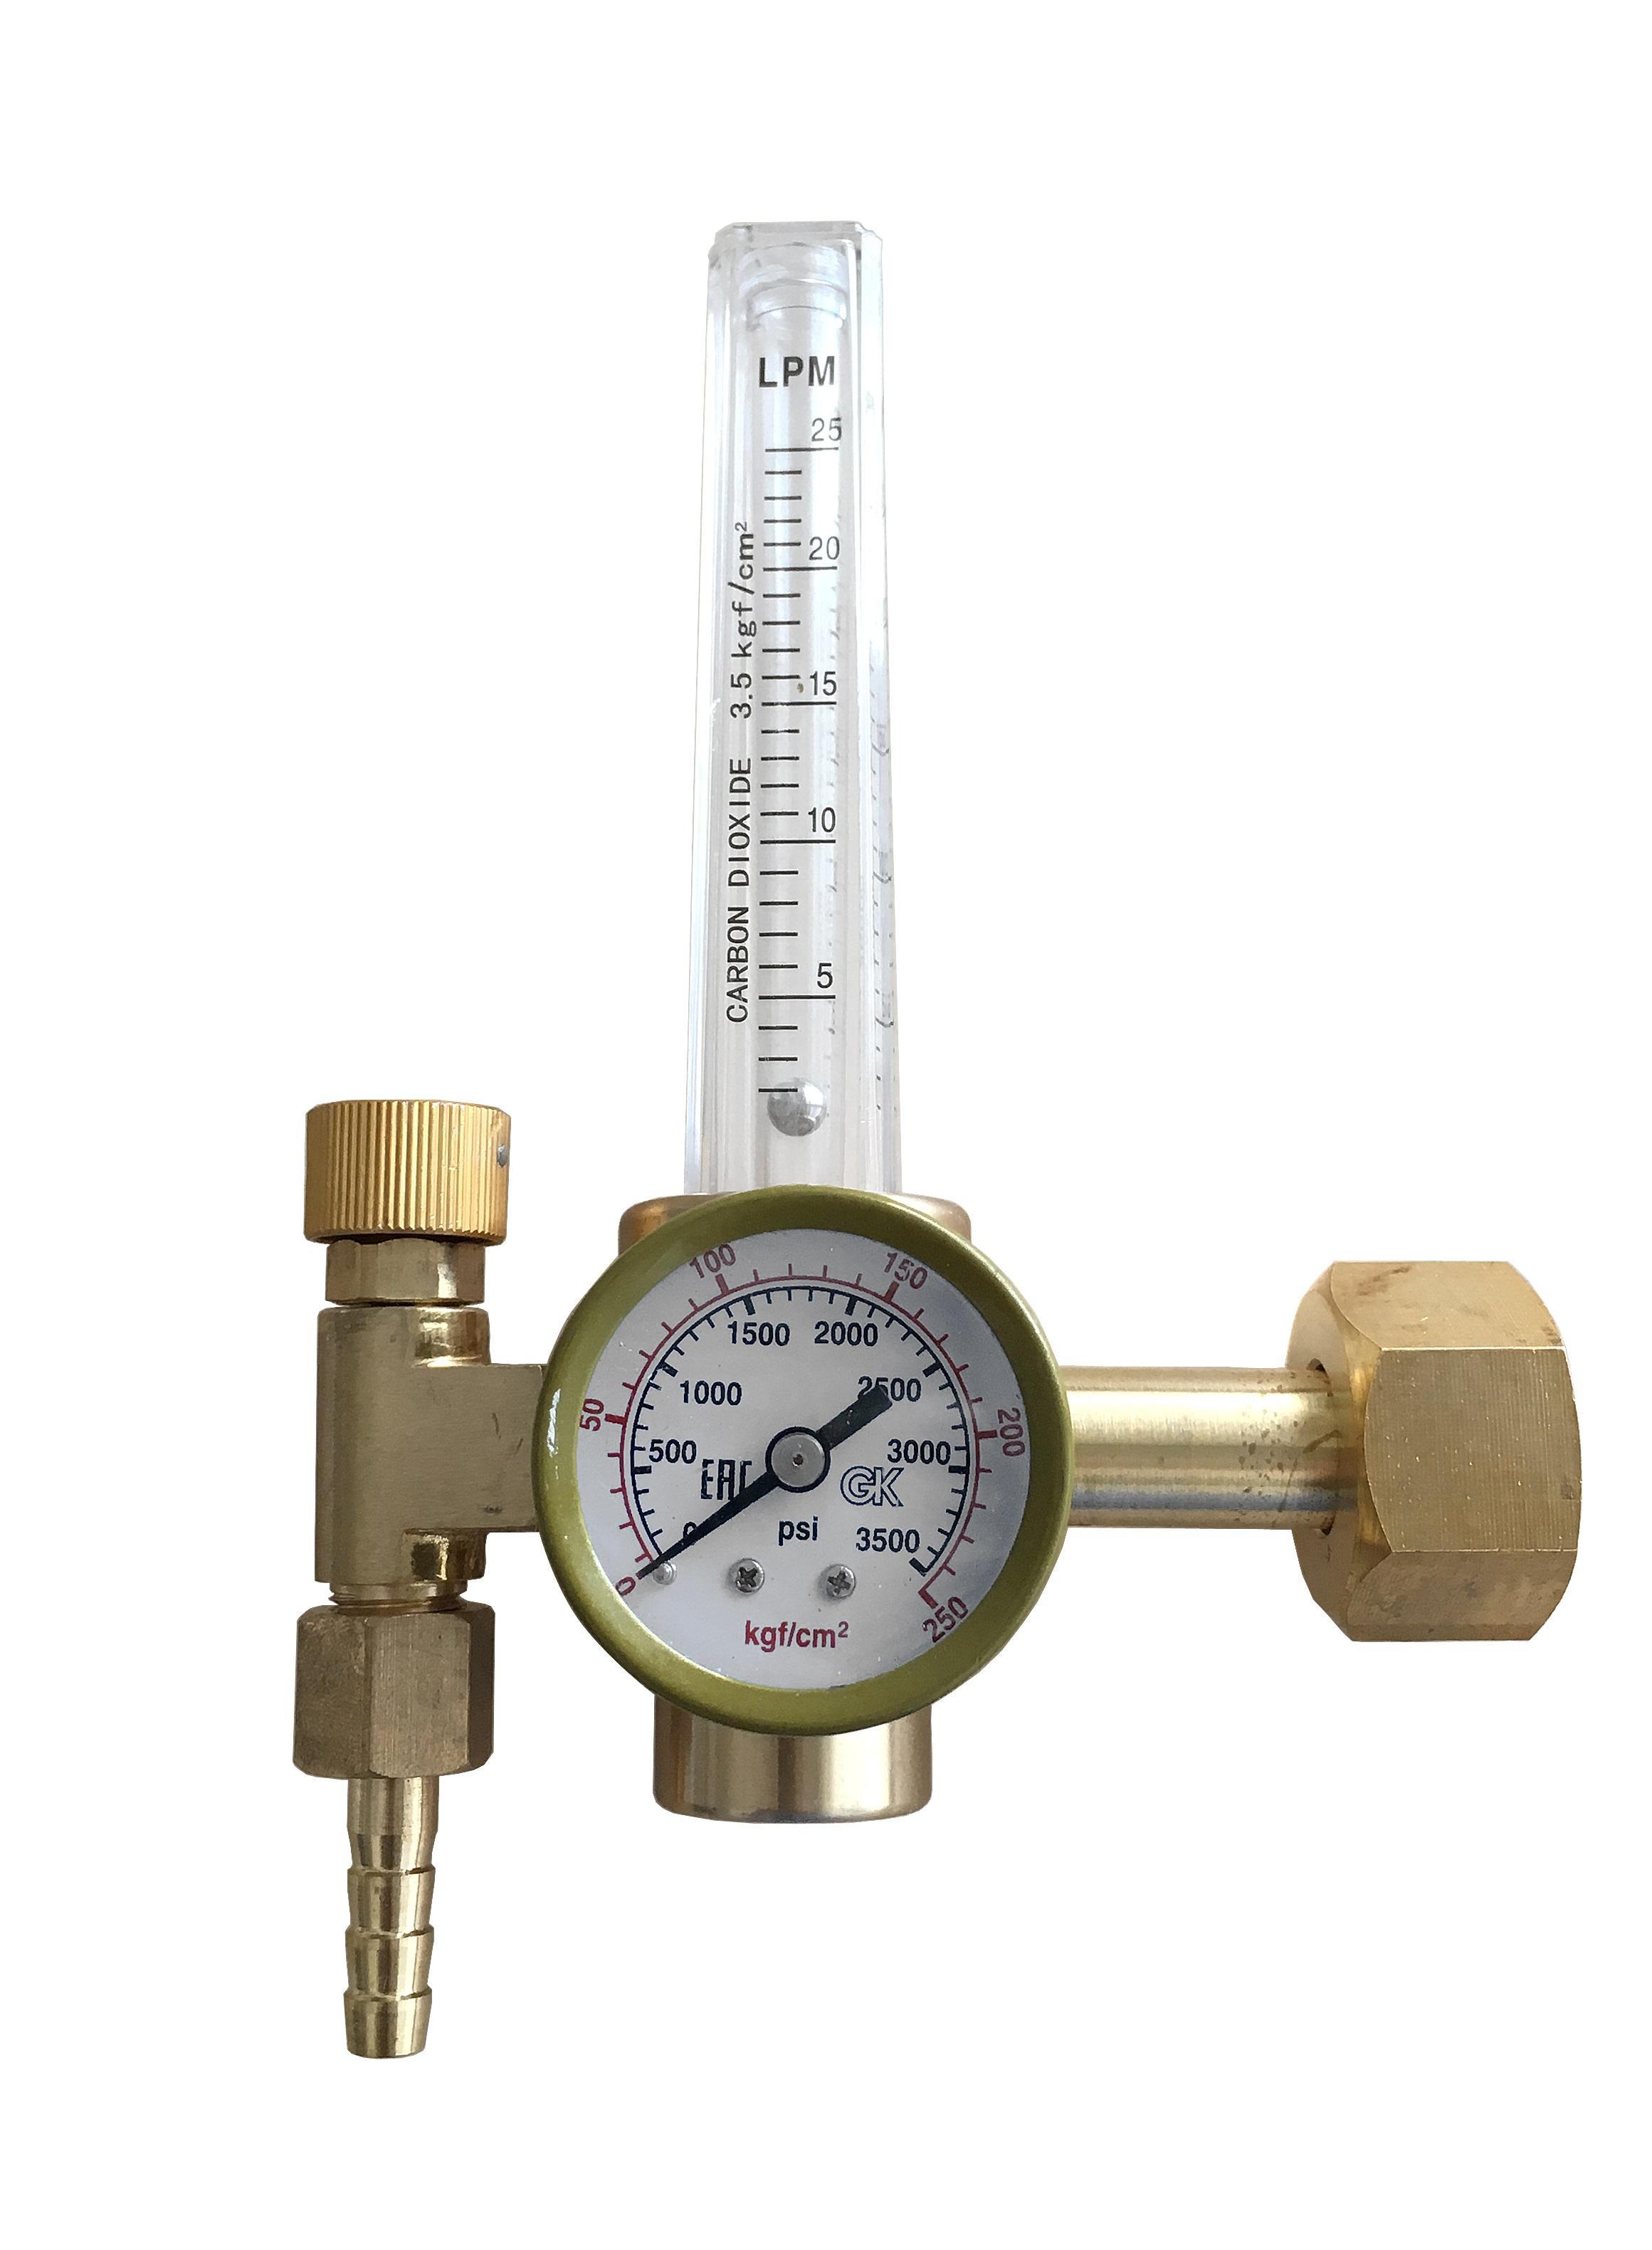 Регулятор ПРОМТЕХКОМПЛЕКТ У30/АР40-Р-КР2 регулятор давления топлива спорт ауди 100 2 3 е